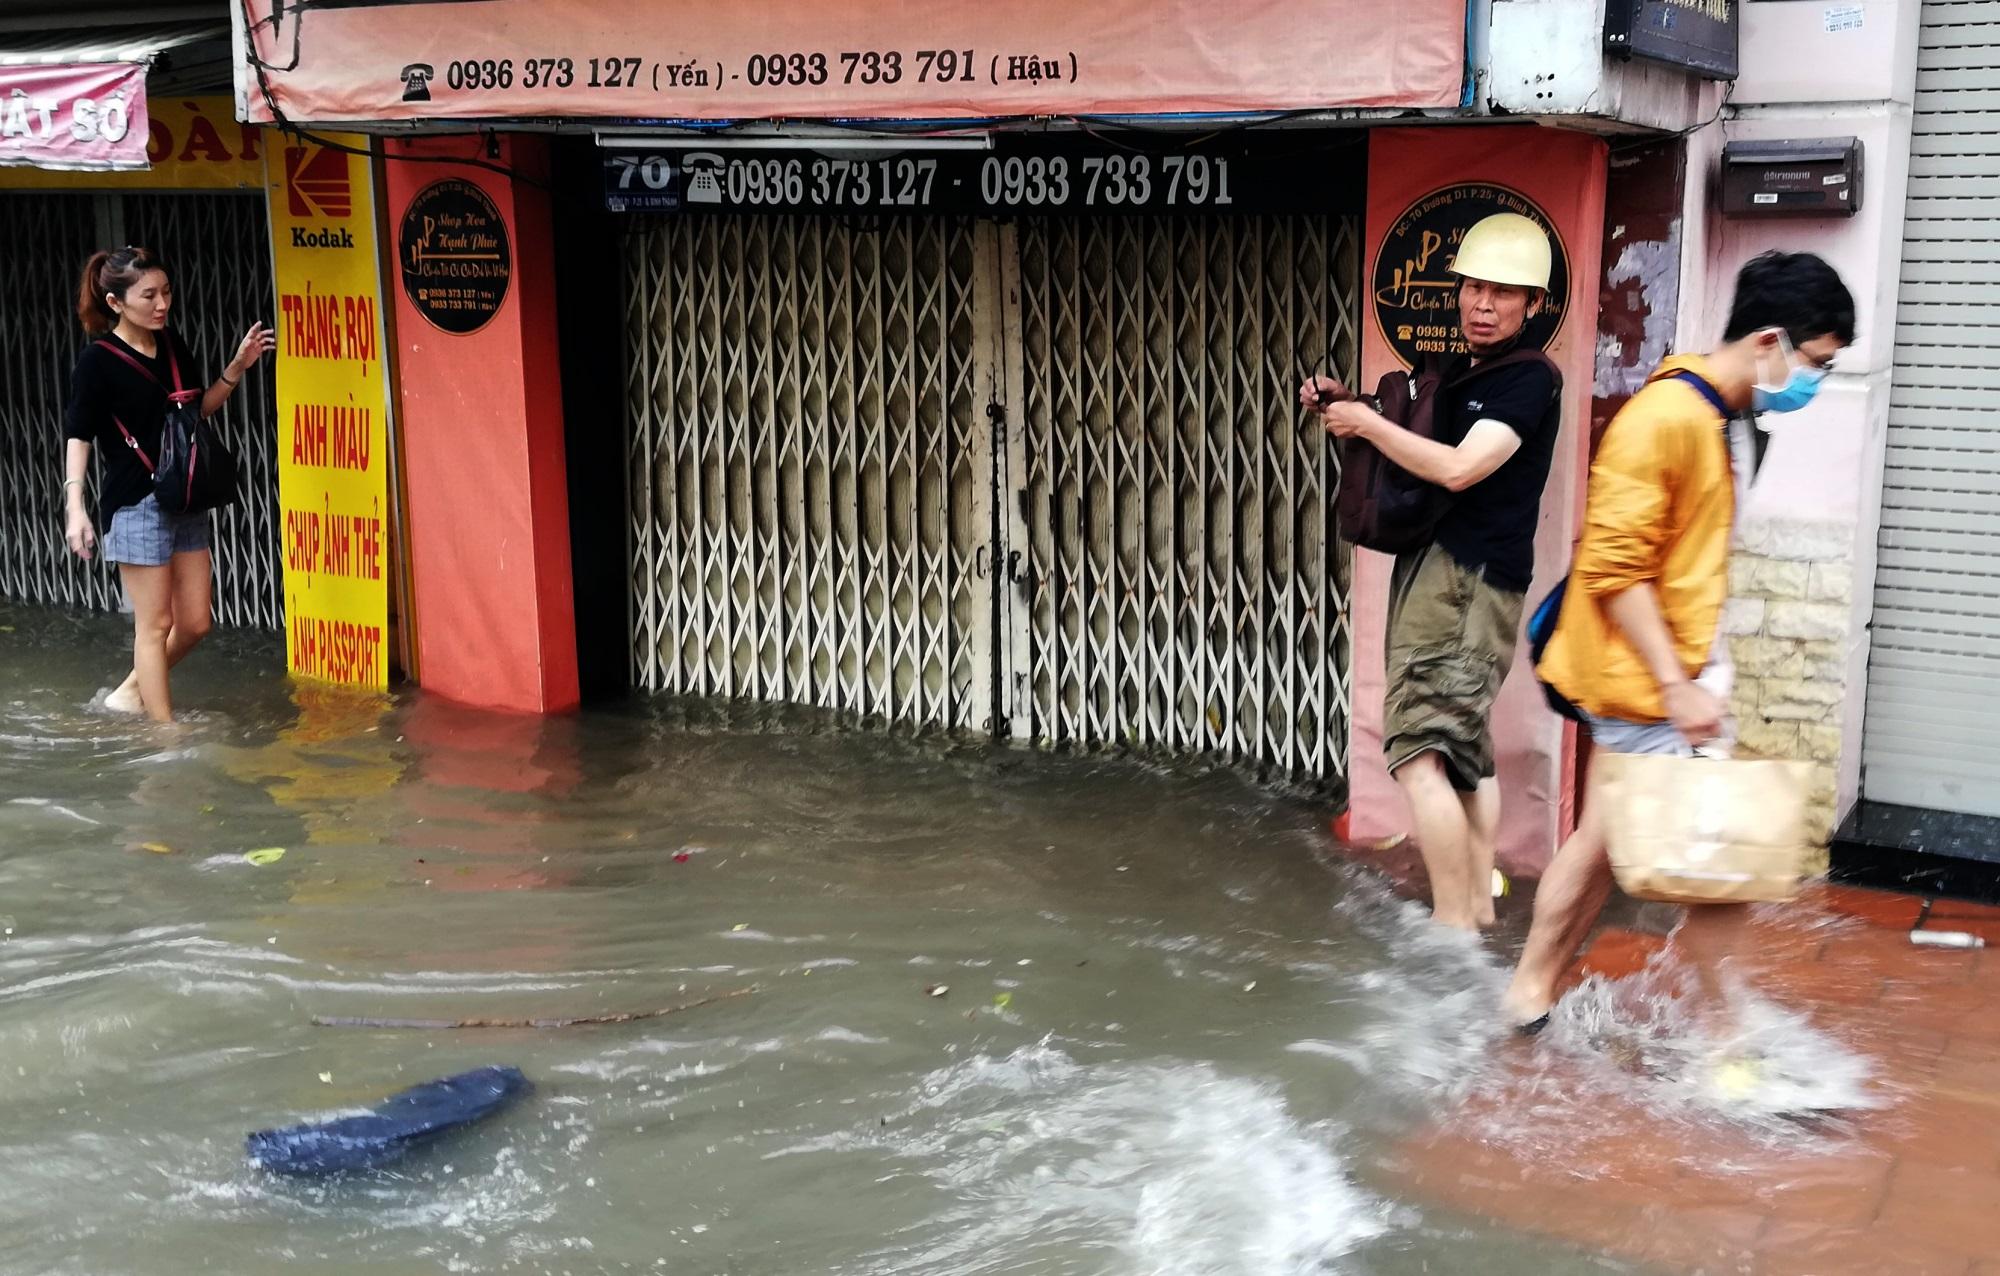 Sau một đêm tơi tả trong bão lịch sử, người Sài Gòn tiếp tục thở không ra hơi vì ngập nước kẹt xe nhiều giờ - Ảnh 17